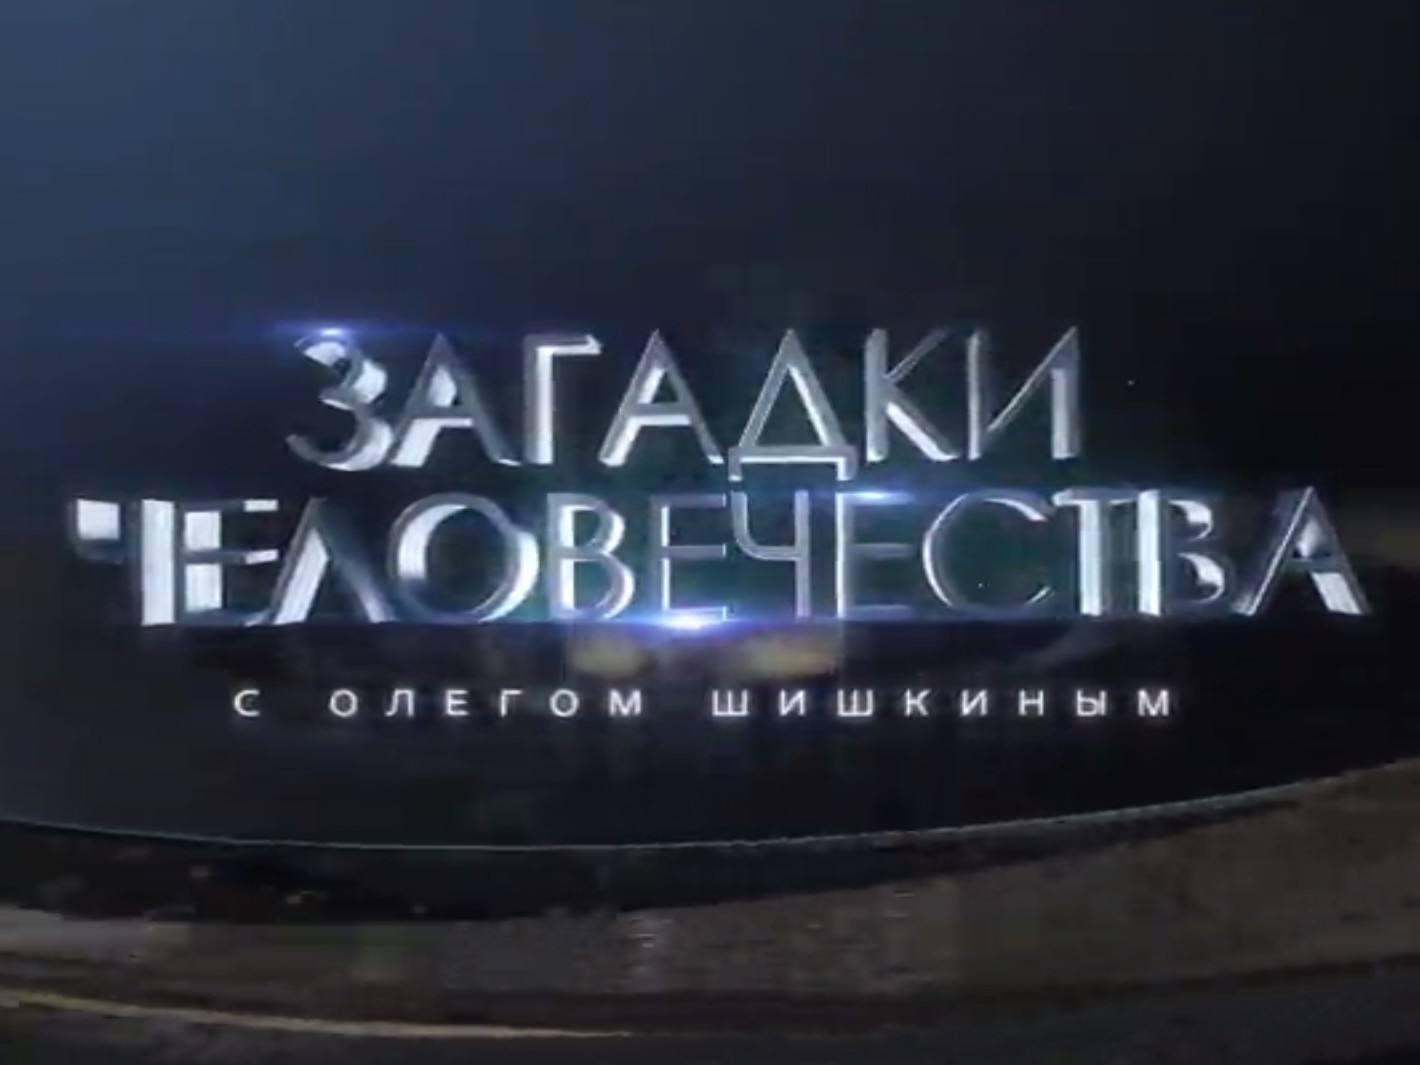 Загадки человечества с Олегом Шишкиным 416 серия в 13:00 на канале РЕН ТВ